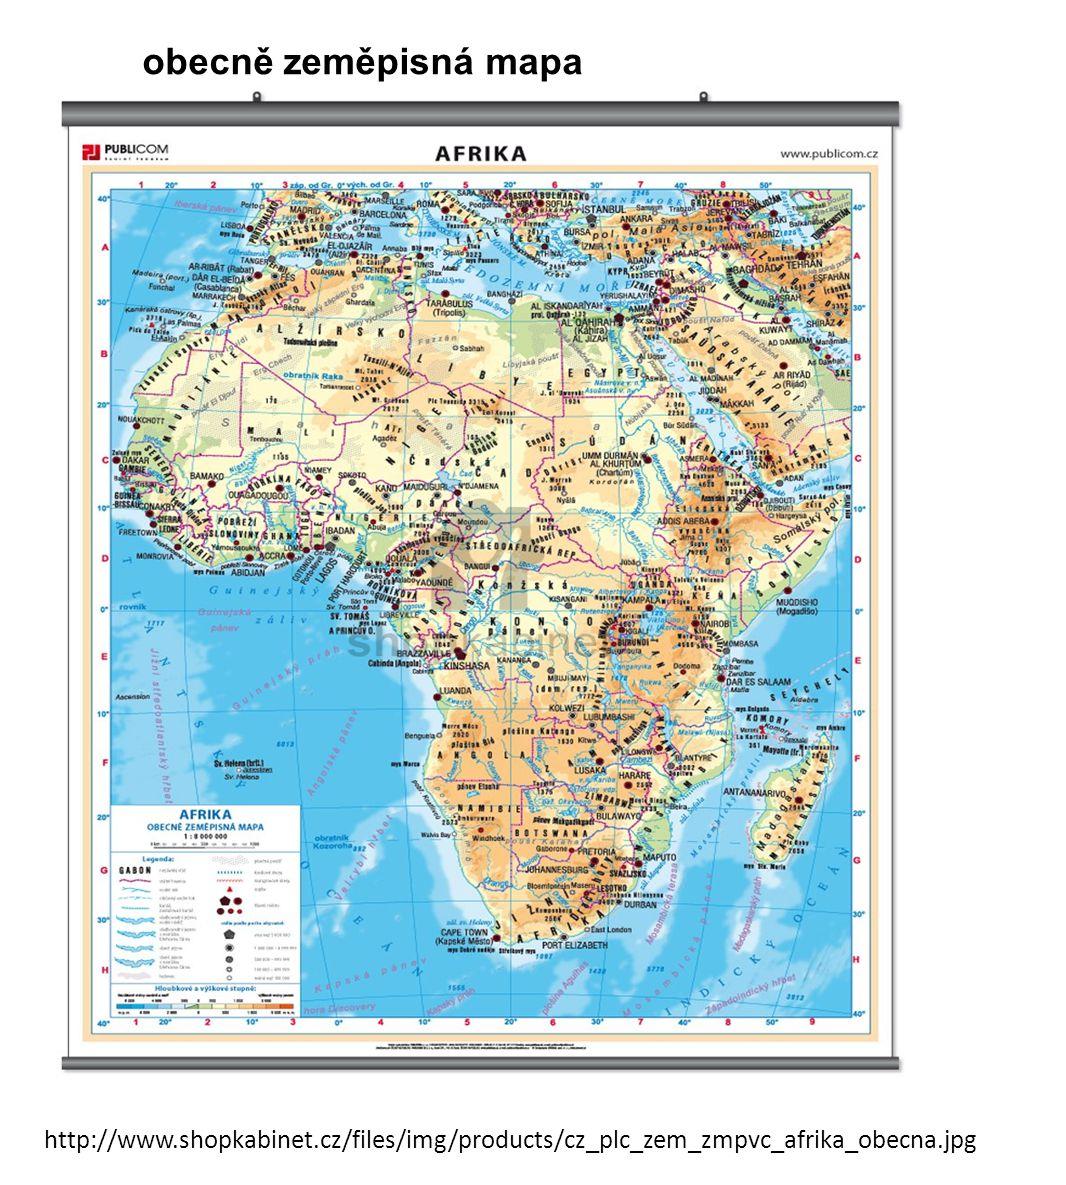 obecně zeměpisná mapa http://www.shopkabinet.cz/files/img/products/cz_plc_zem_zmpvc_afrika_obecna.jpg.